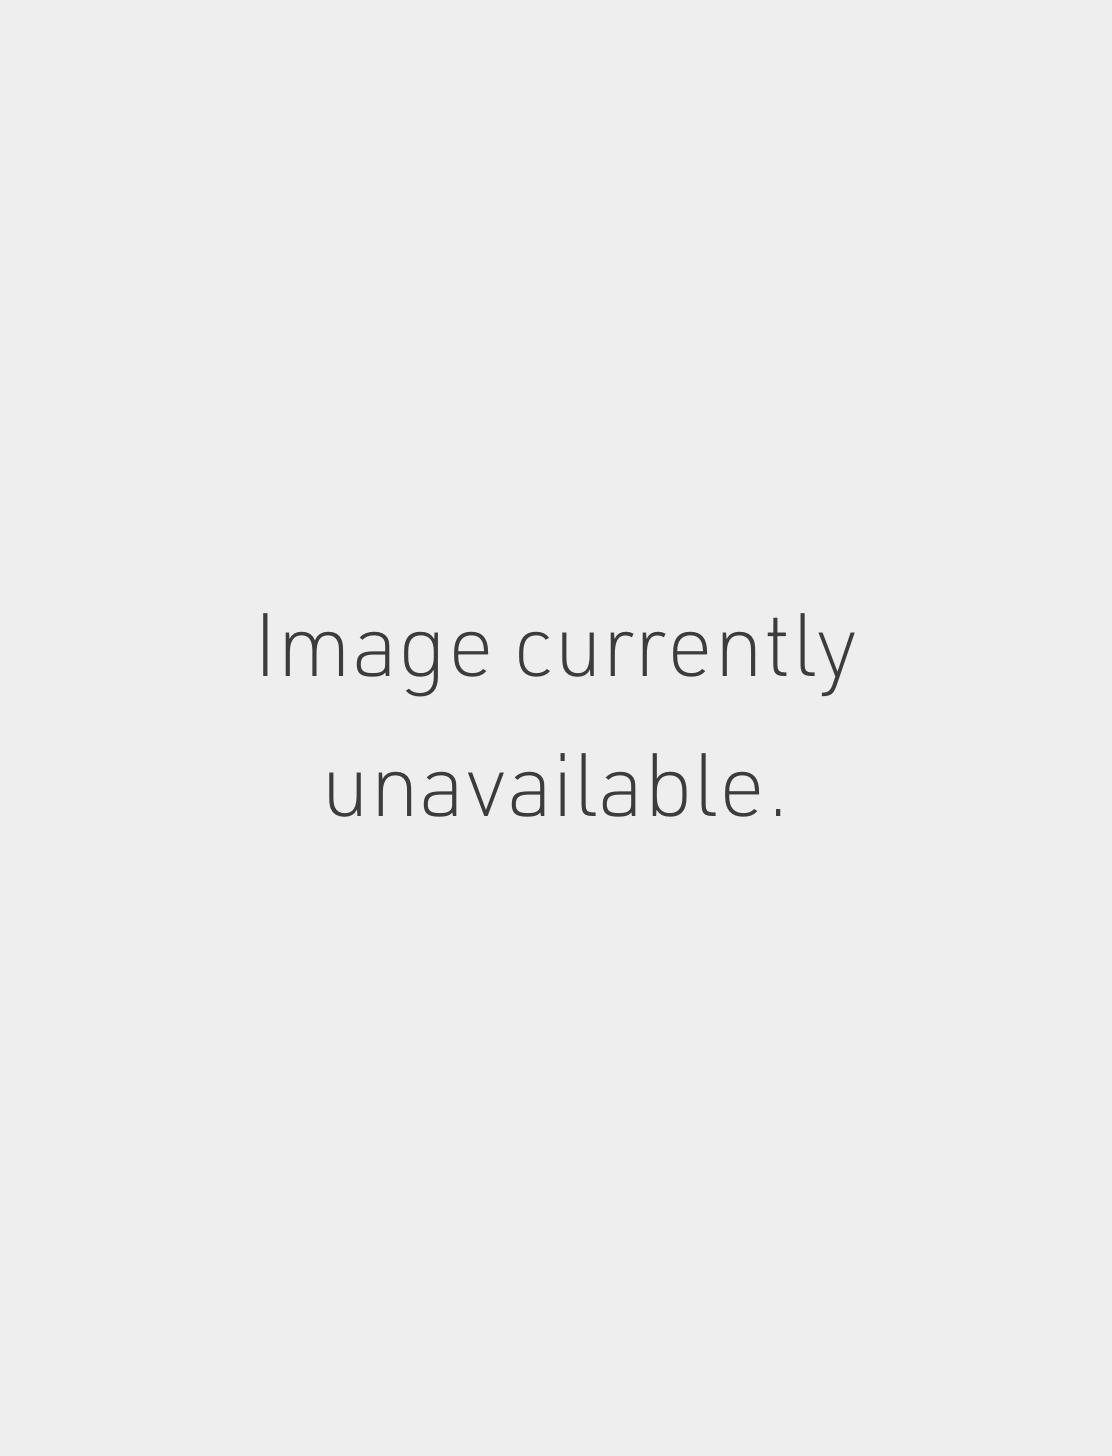 Med. Matte Skull with Black Diamond Eyes Frontal WHITE GOLD 18G-16GA THREAD BACK Image #1